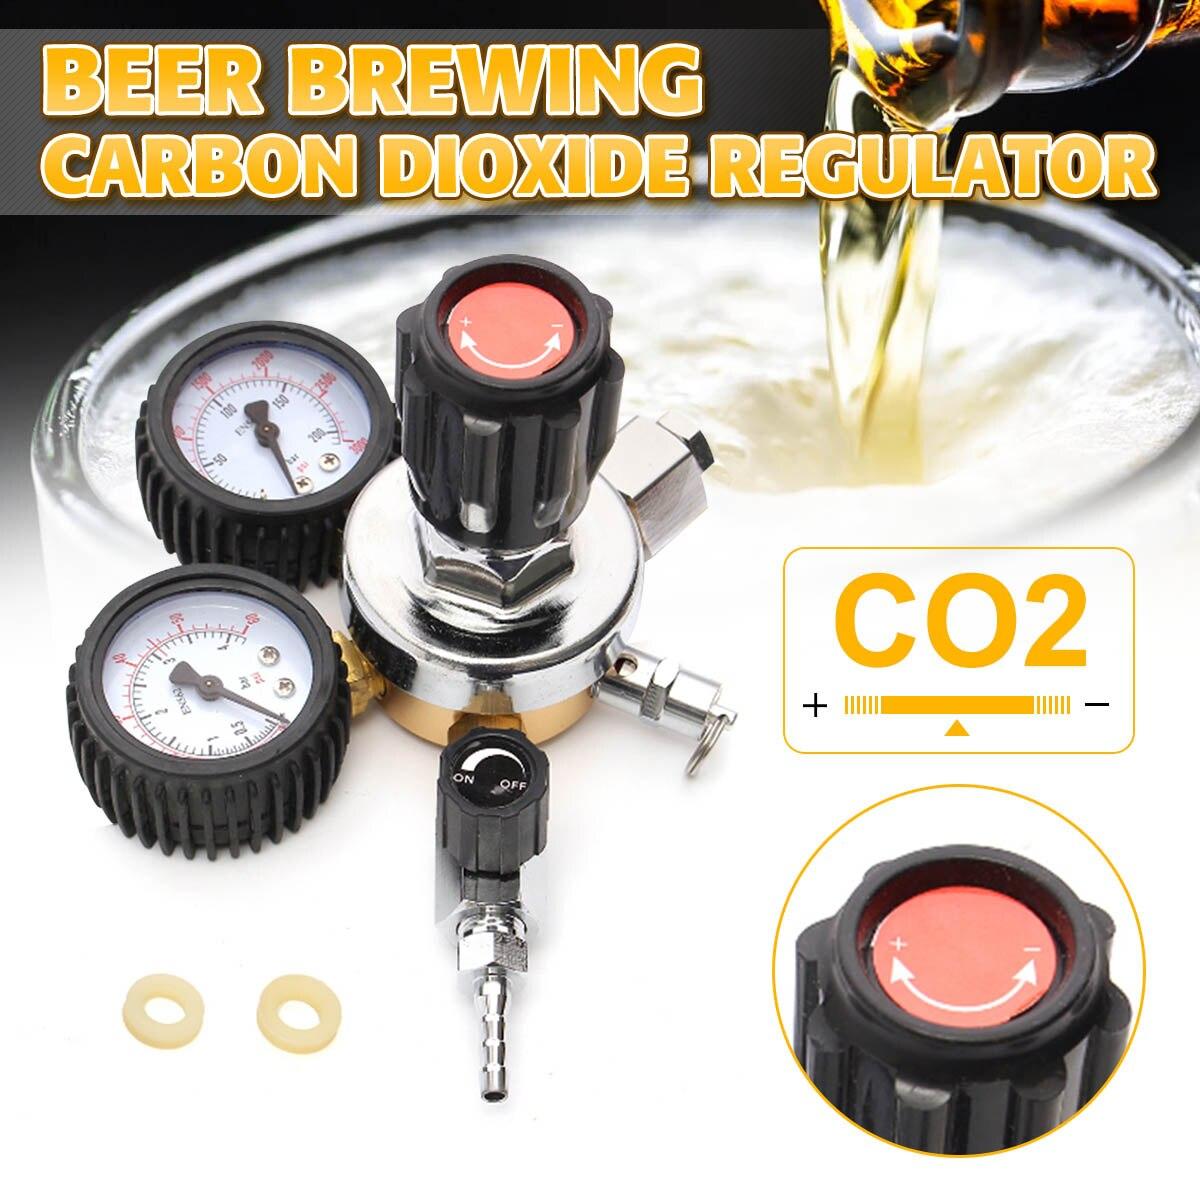 CO2 Gas Bottle Regulator Carbon Dioxide CO2 Regulators Pressure Reducer For Beverage Beer W21.8 Double Gauge Regulator